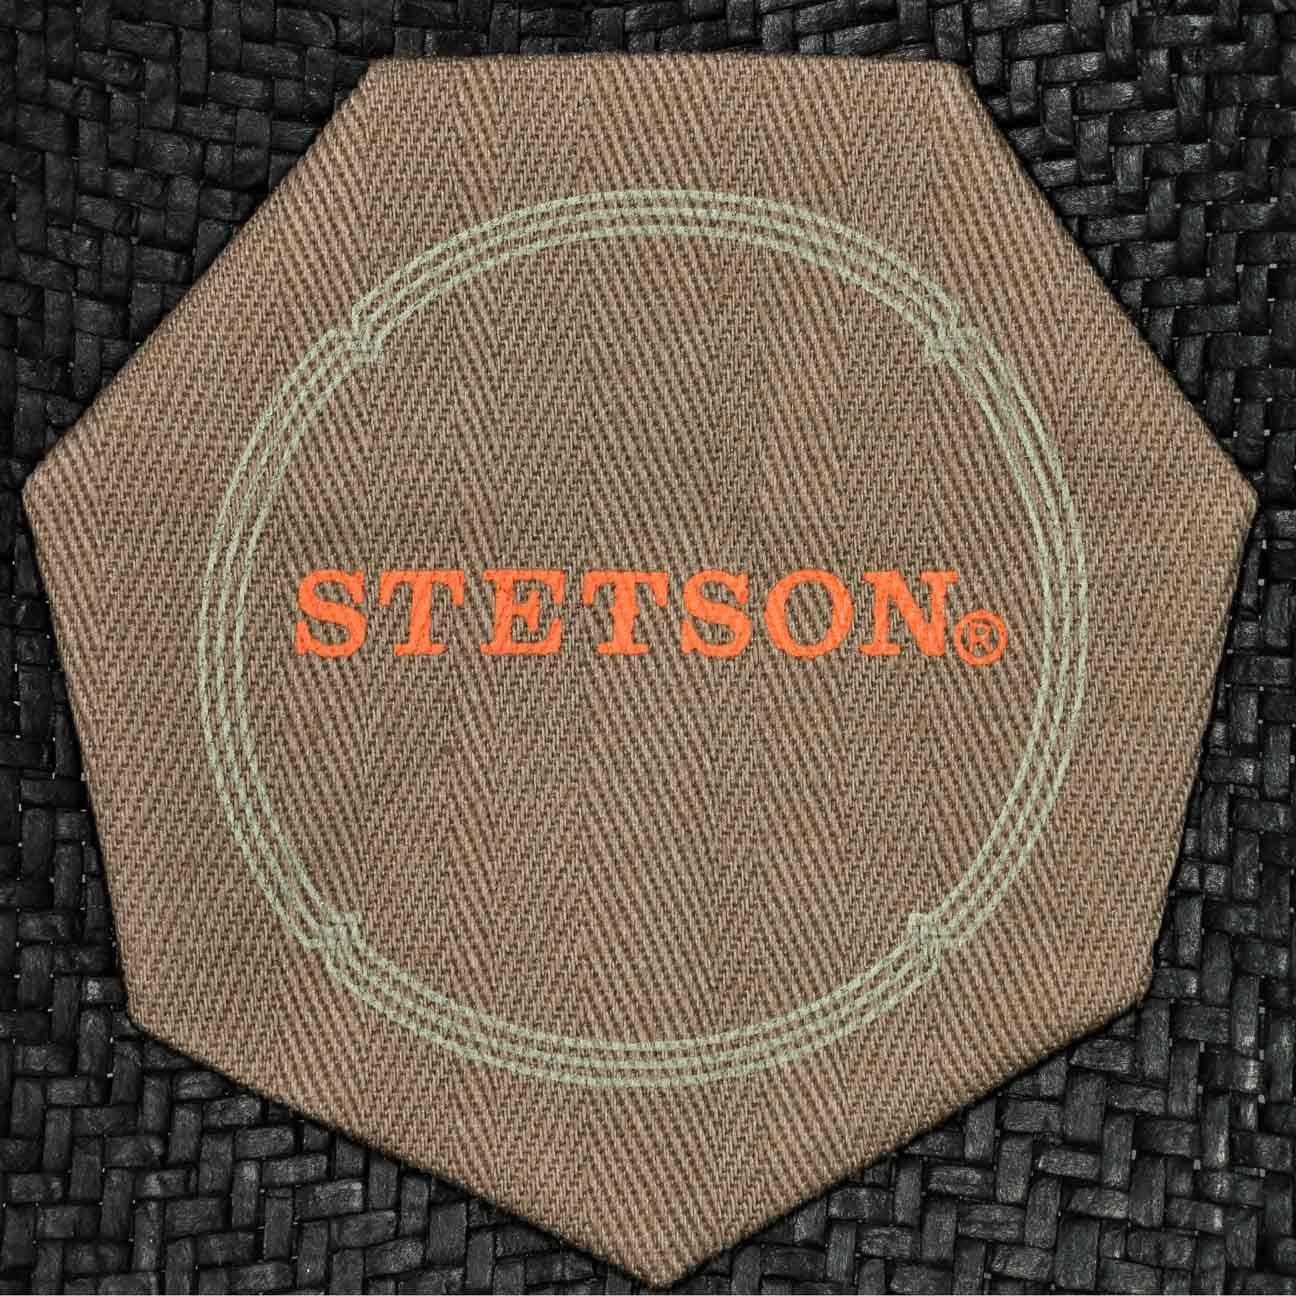 Stetson Cappello di Paglia Martinez Player Uomo da Sole Estivo Cappelli Spiaggia con Nastro in Grosgrain Primavera//Estate